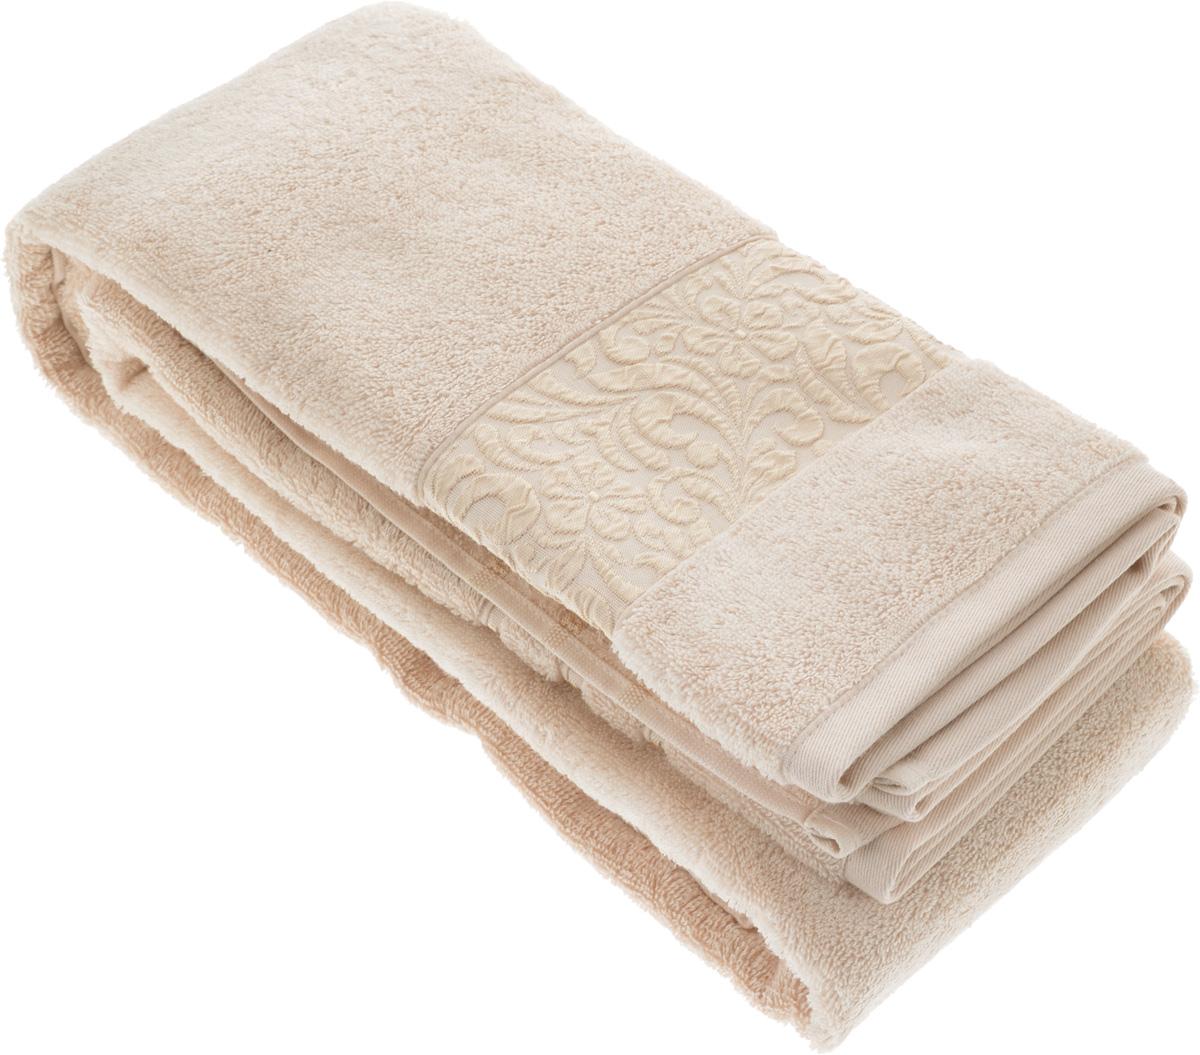 Полотенце бамбуковое Issimo Home Valencia, цвет: пудра, 90 x 150 см4762Полотенце Issimo Home Valencia выполнено из 60% бамбукового волокна и 40% хлопка. Таким полотенцем не нужно вытираться - только коснитесь кожи - и ткань сама все впитает. Такая ткань впитывает в 3 раза лучше, чем хлопок. Несмотря на высокую плотность, полотенце быстро сохнет, остается легкими даже при намокании. Изделие имеет красивый жаккардовый бордюр, оформленный цветочным орнаментом. Благородные, классические тона создадут уют и подчеркнут лучшие качества махровой ткани, а сочные, яркие, летние оттенки создадут ощущение праздника и наполнят дом энергией. Красивая, стильная упаковка этого полотенца делает его уже готовым подарком к любому случаю.